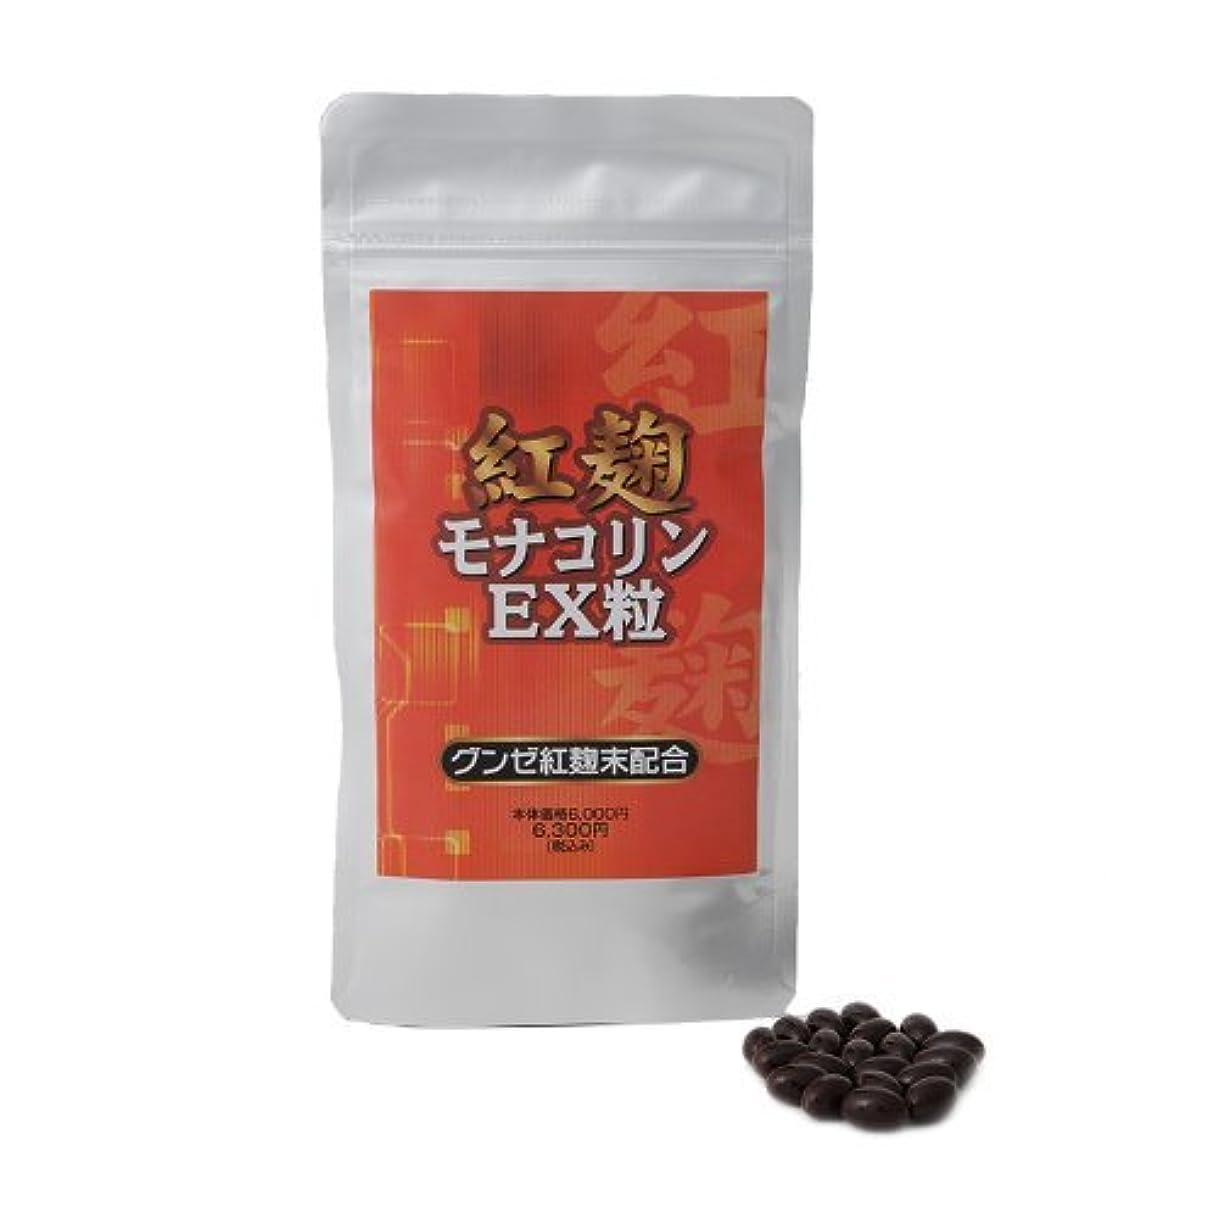 スカウト外科医規模紅麹モナコリンEX粒 (120粒/約1ヶ月分)グンゼの米紅麹末配合サプリメント